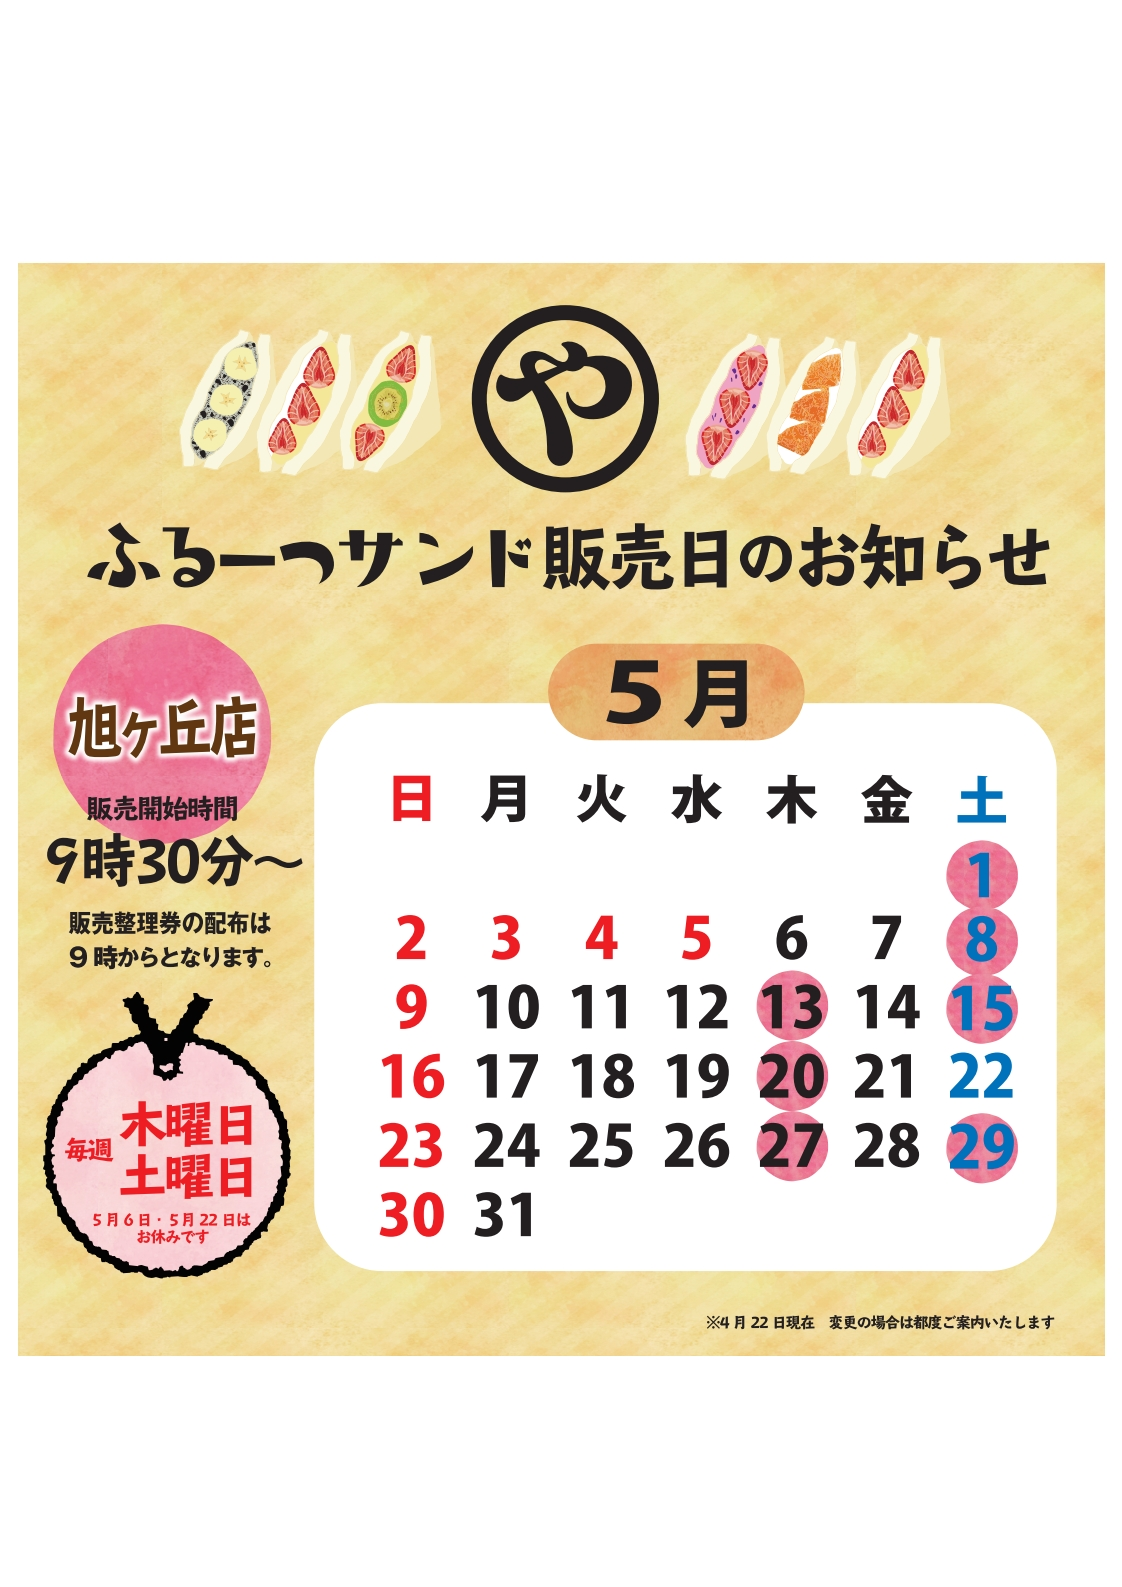 【2021年5月】ふるーつサンド販売日のお知らせ